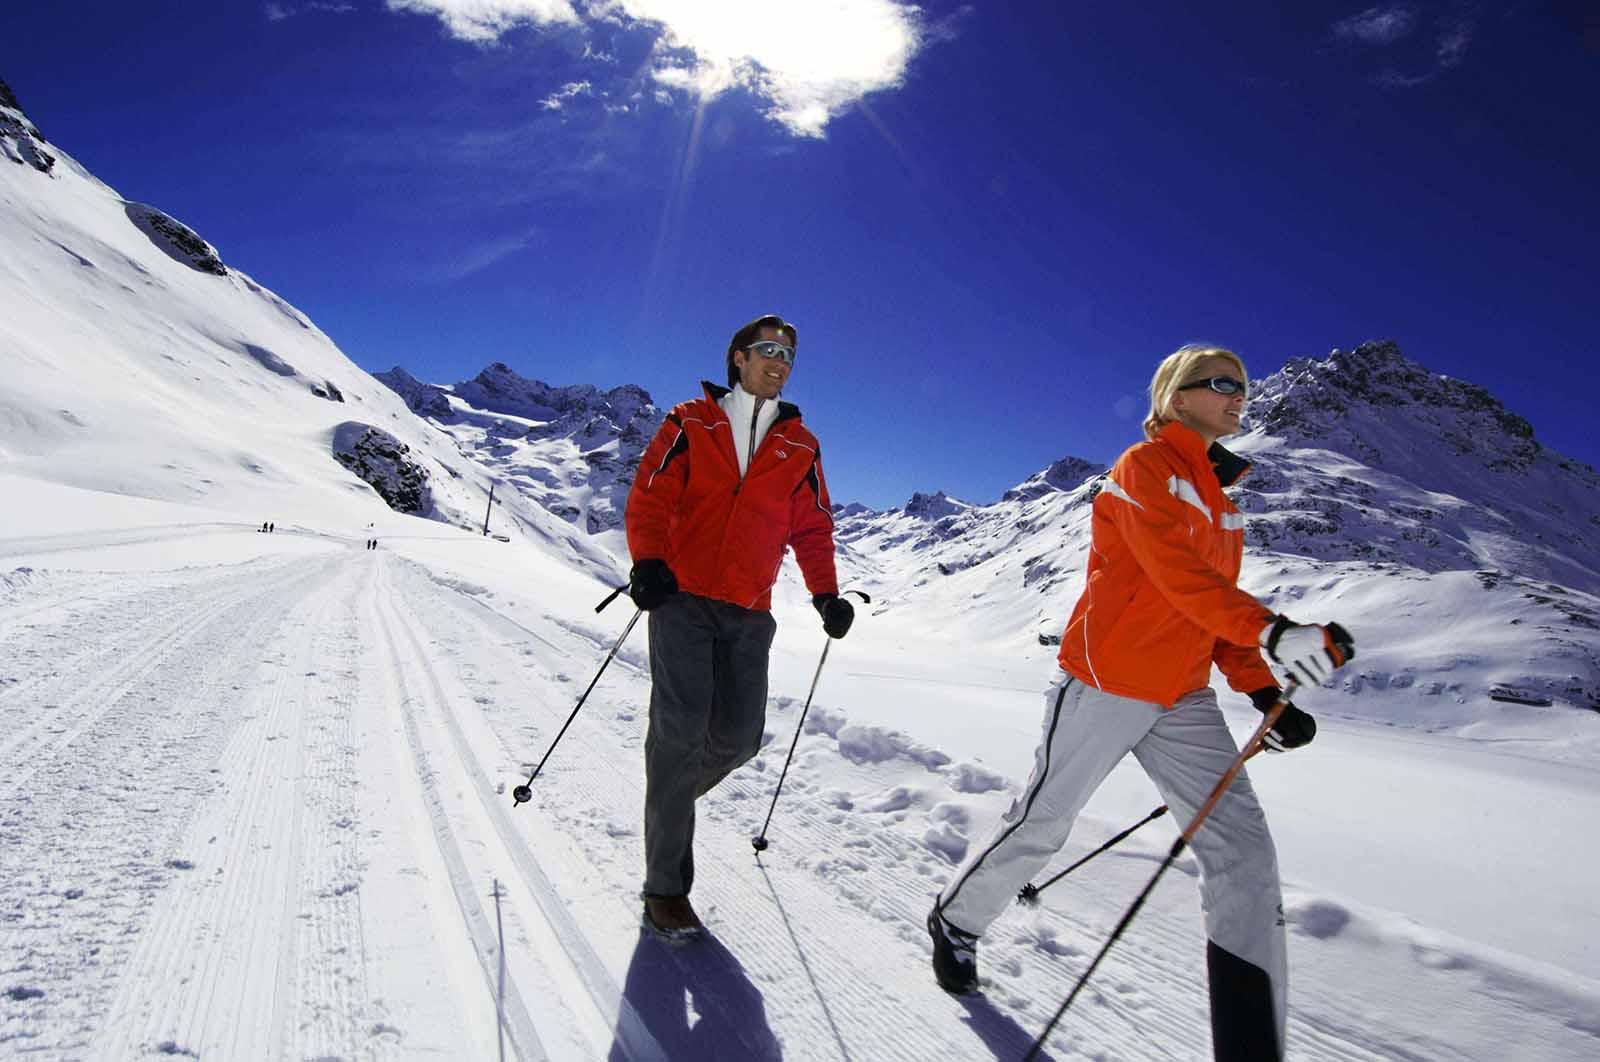 enjoy the joyful skying at luxury hotel mountain of karma bavaria